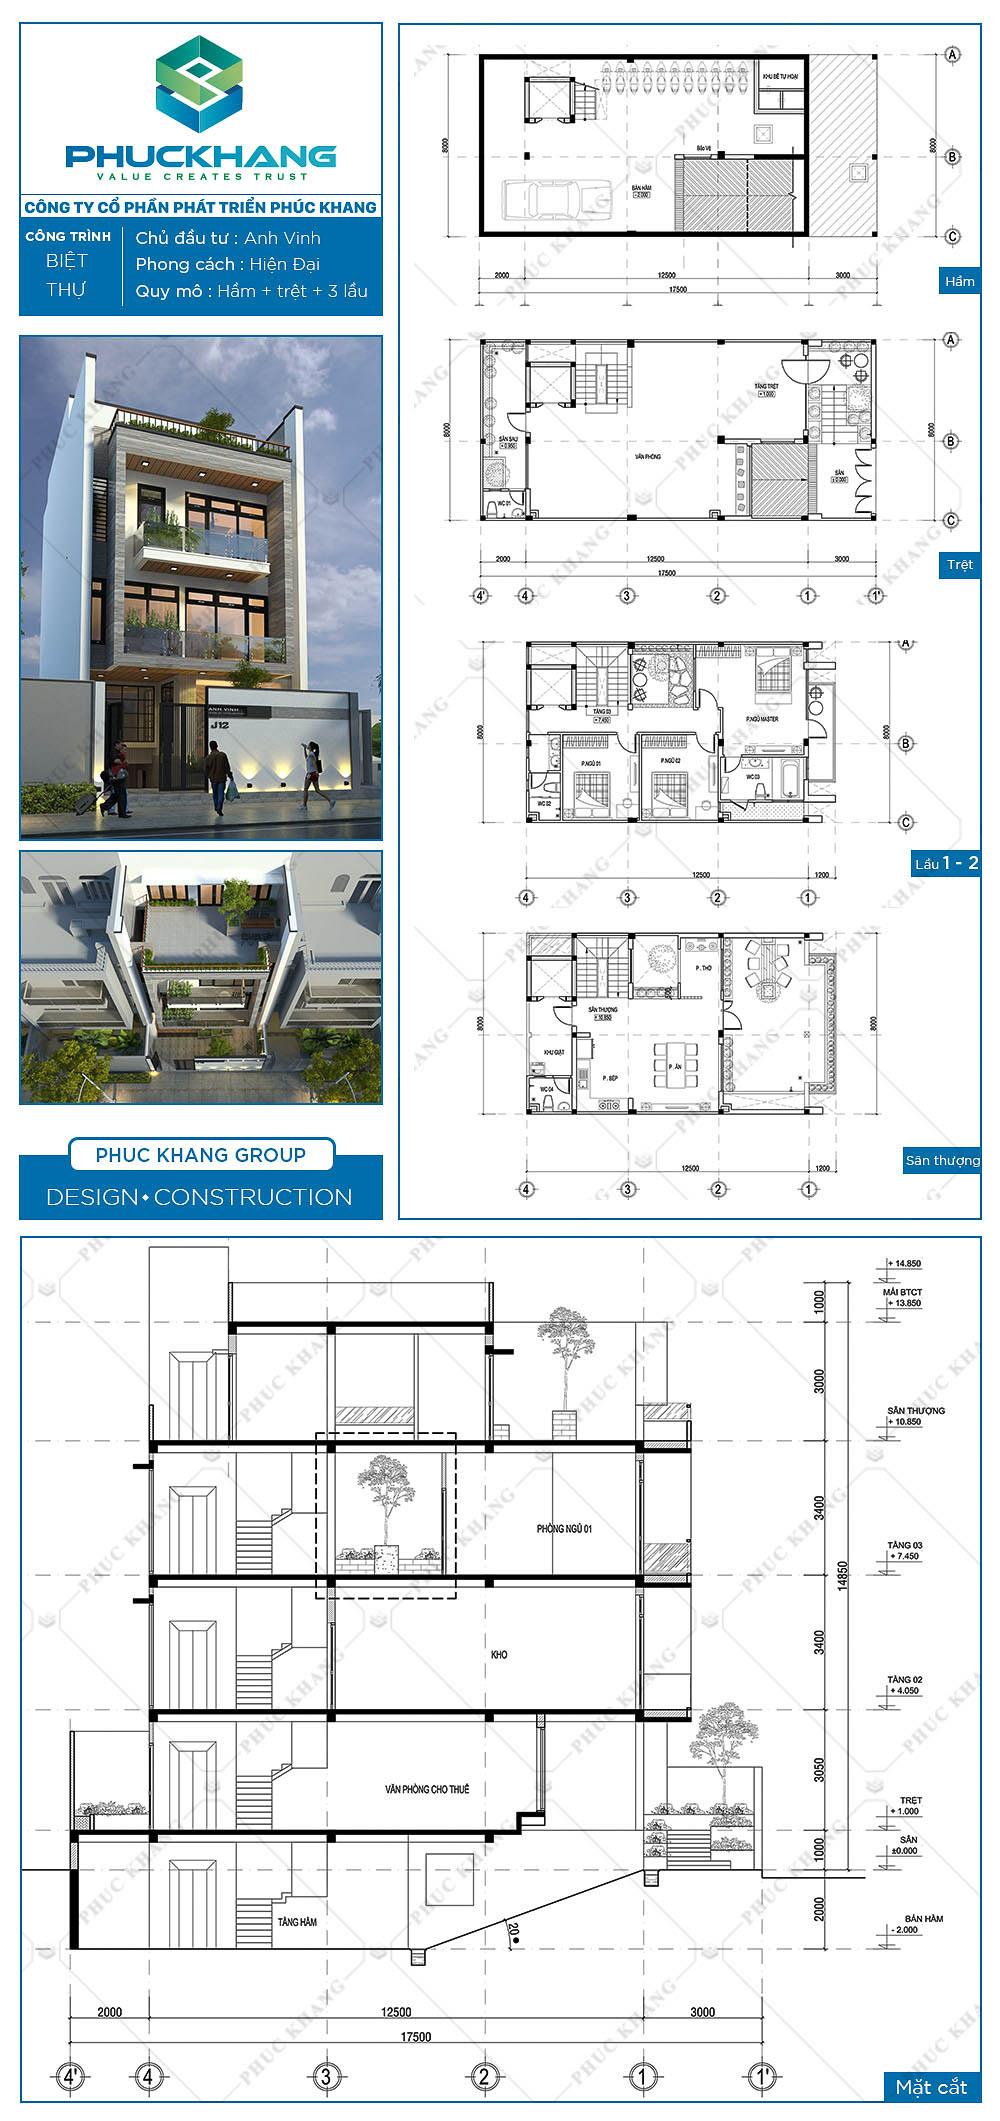 thiết kế biệt thự 5 tầng (8x17)m 5 tầng